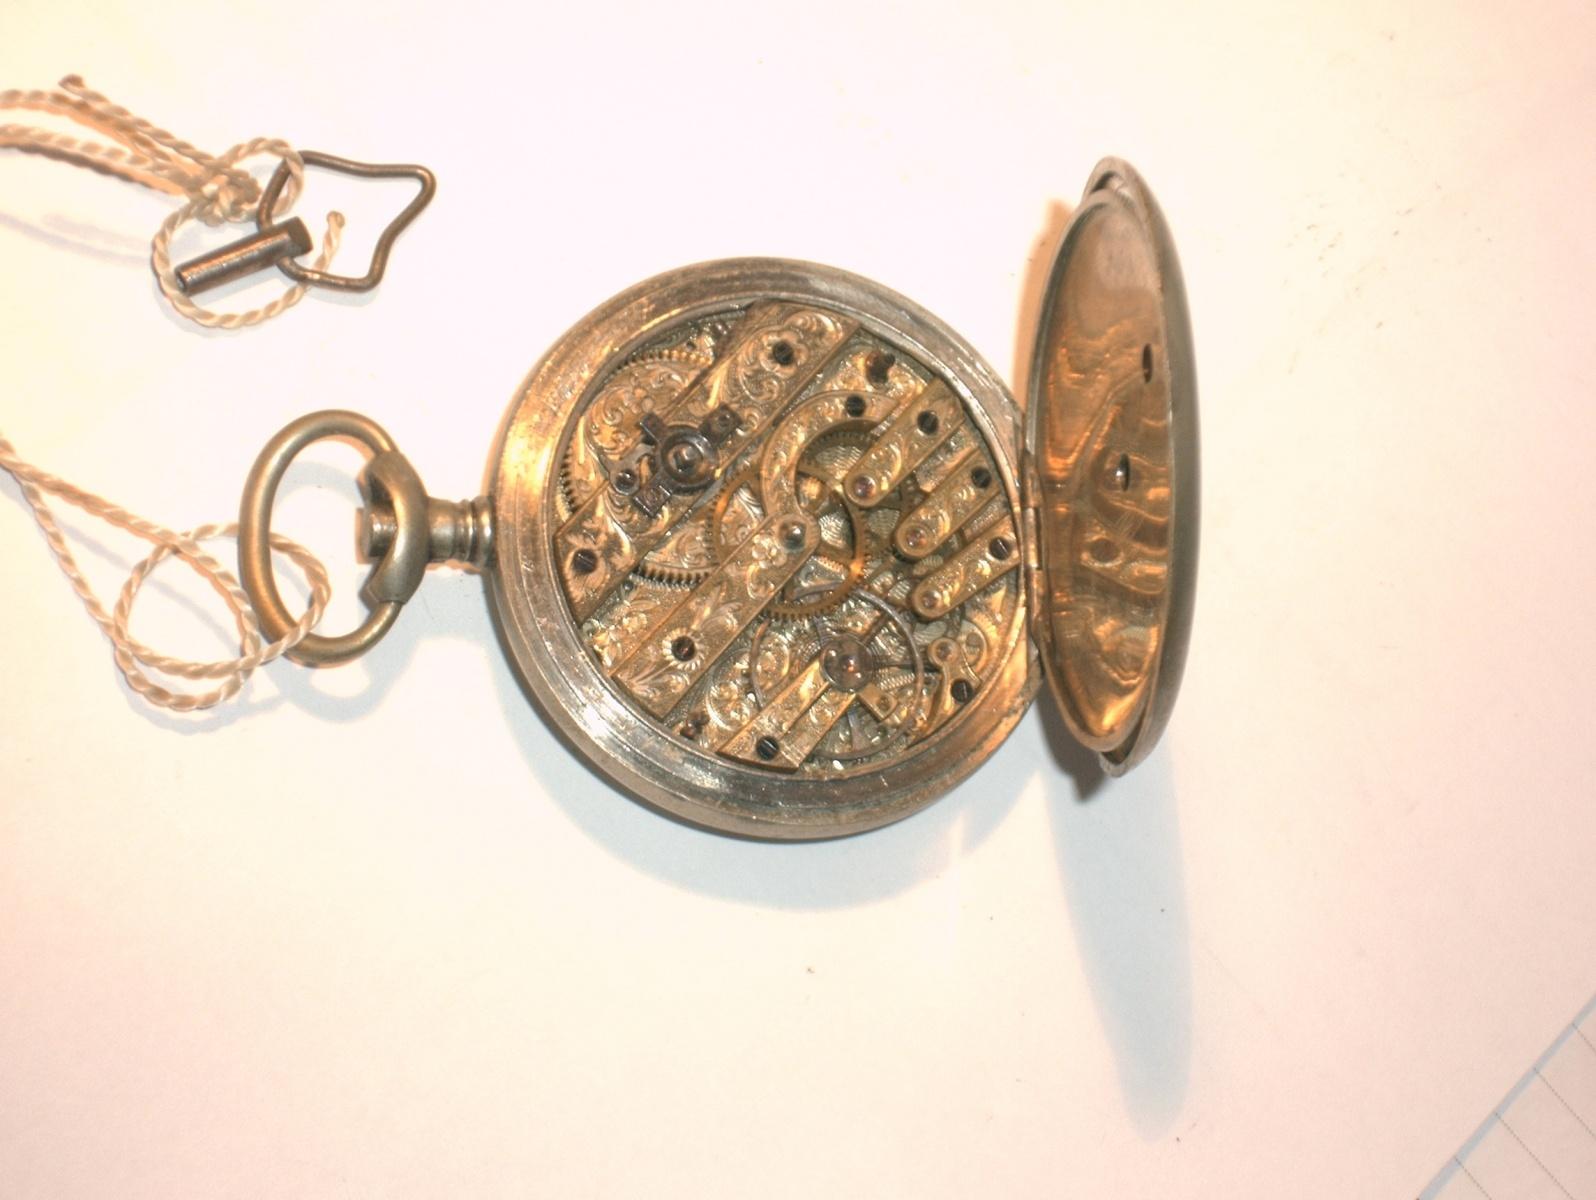 Antike taschenuhr  Antike Taschenuhr????? - UhrForum